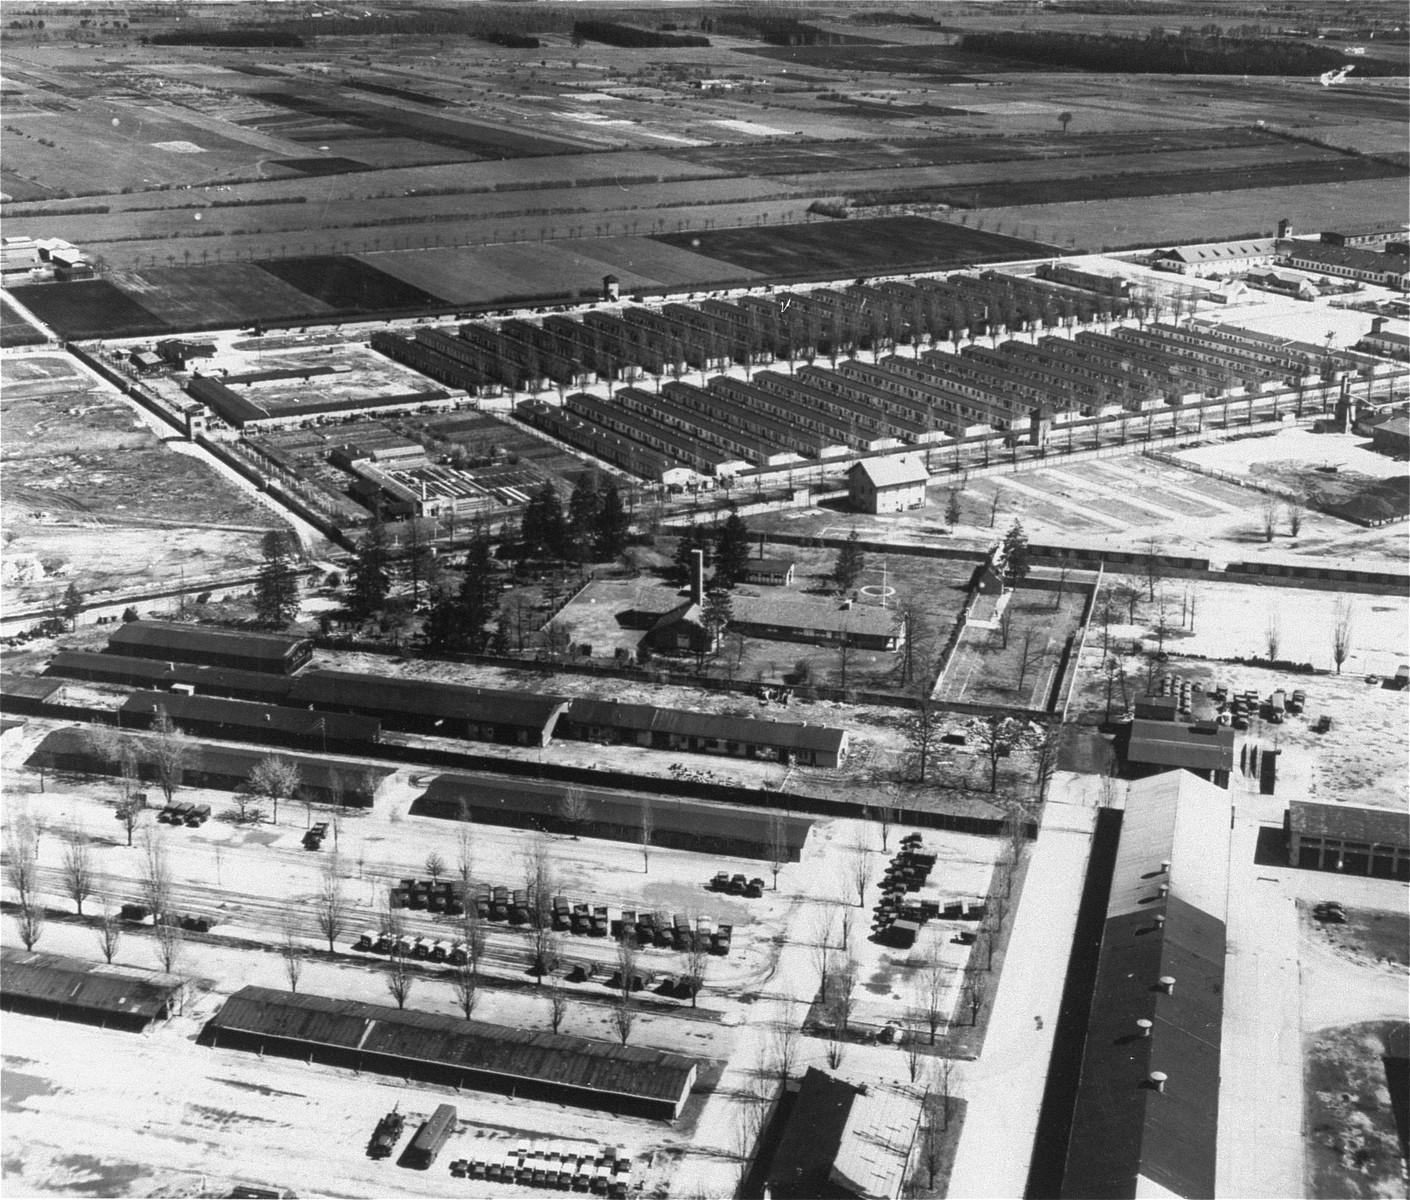 Aerial view of Dachau main camp